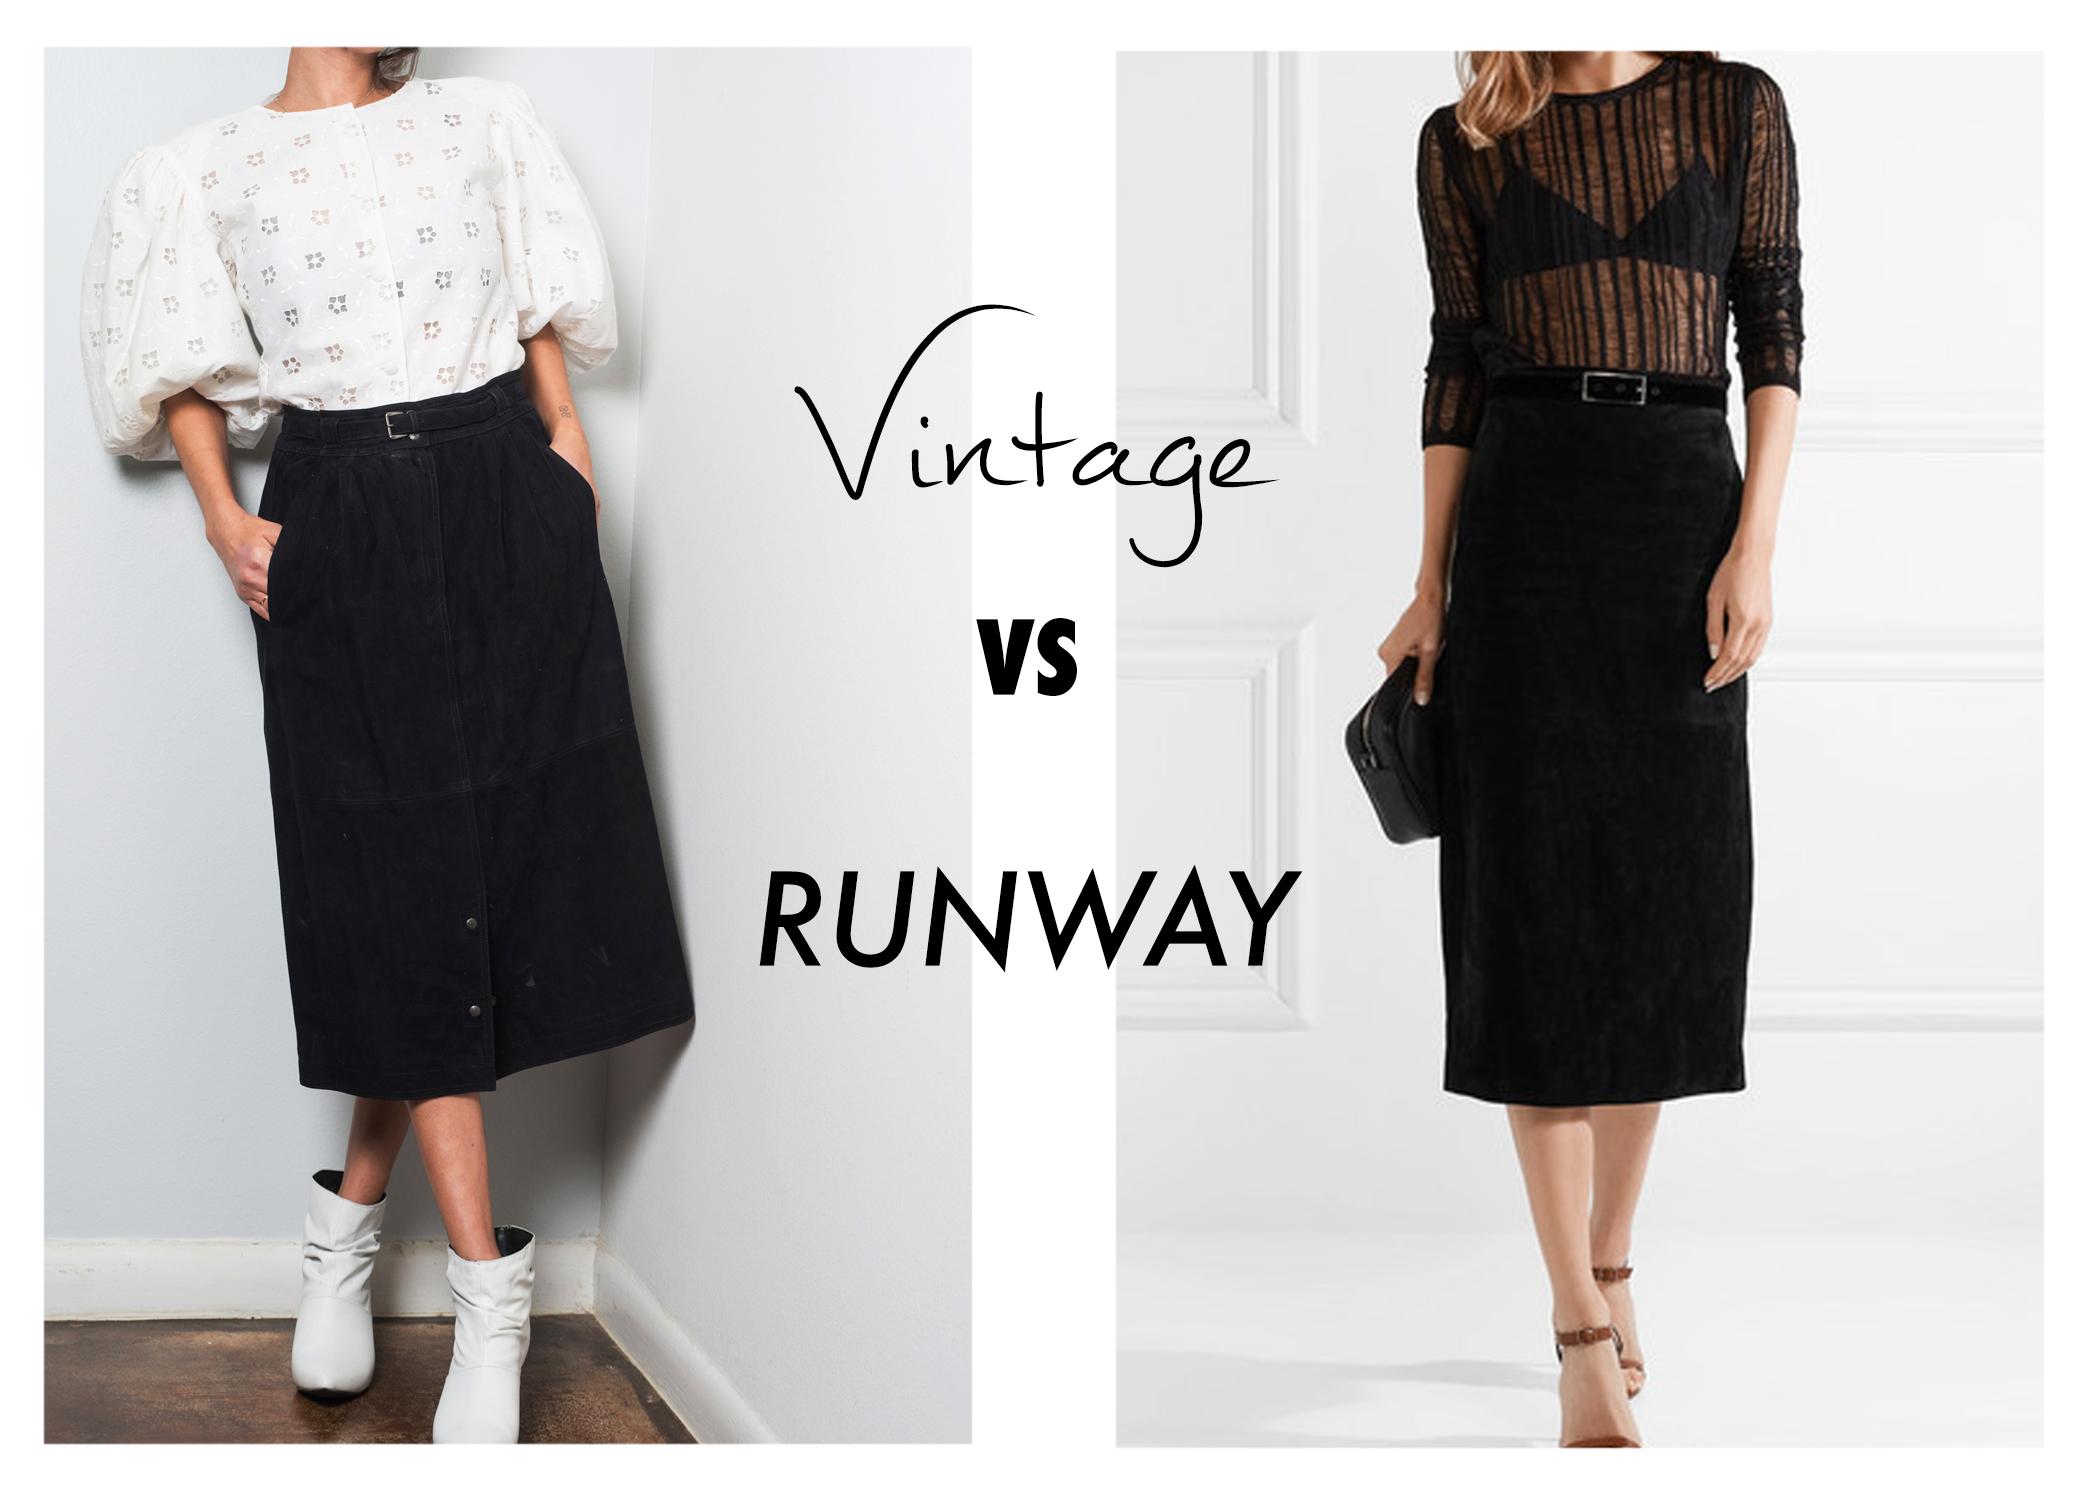 Vtg vs runway 1970s Gucci black suede skirt vs modern Saint Laurent skirt.jpg